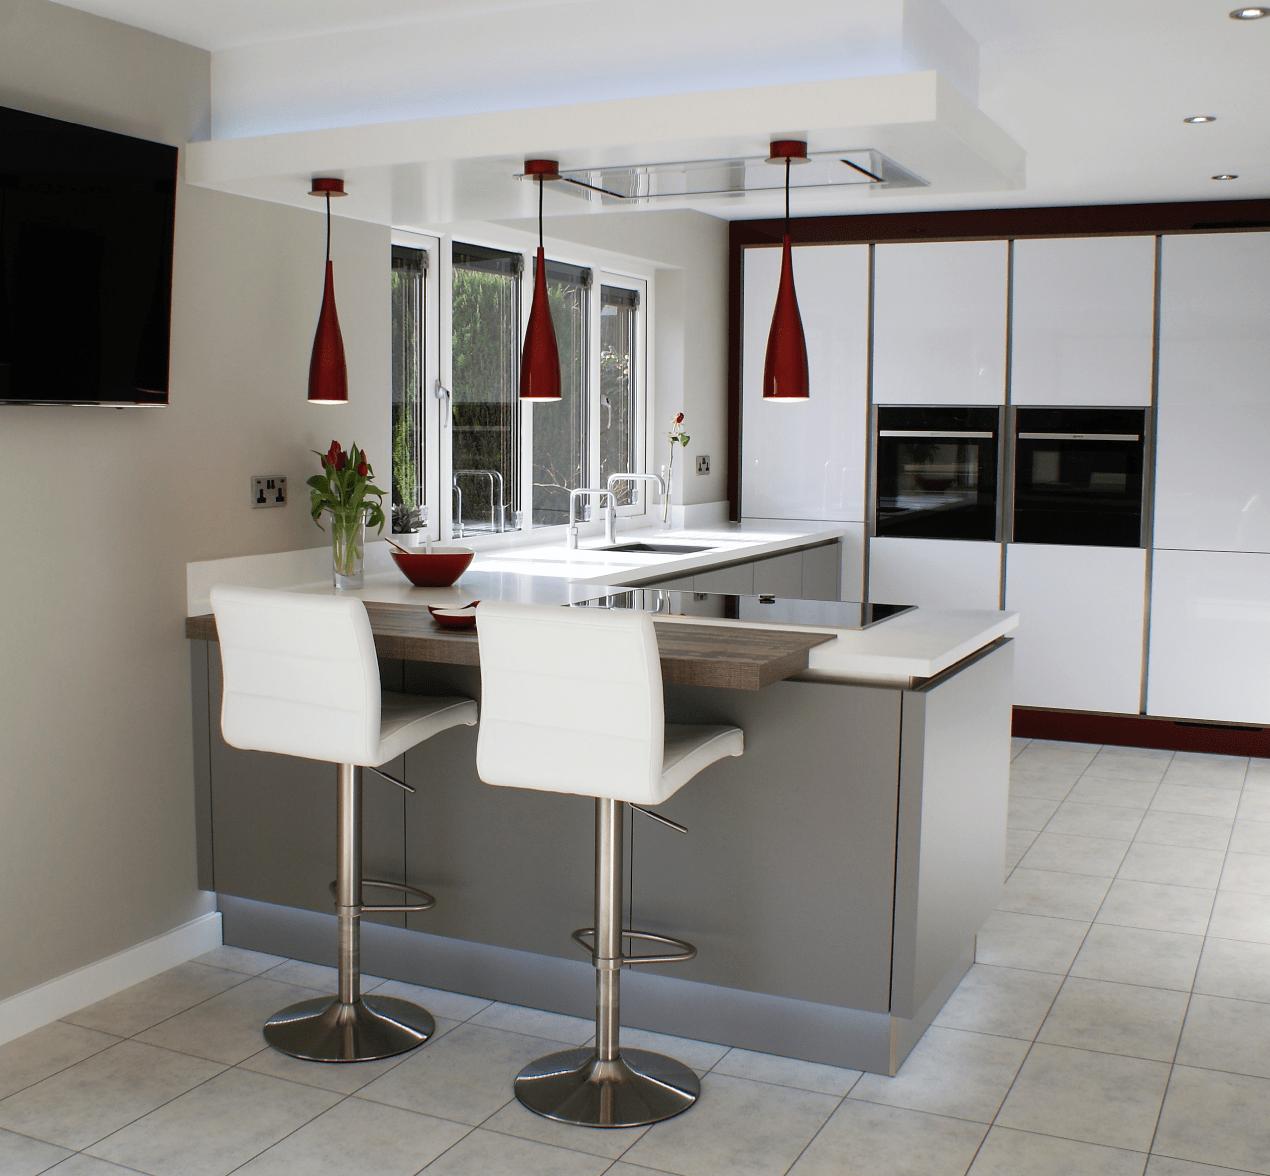 Designer kitchens award winning kitchen design centre for German engineering ultra modern kitchen designs